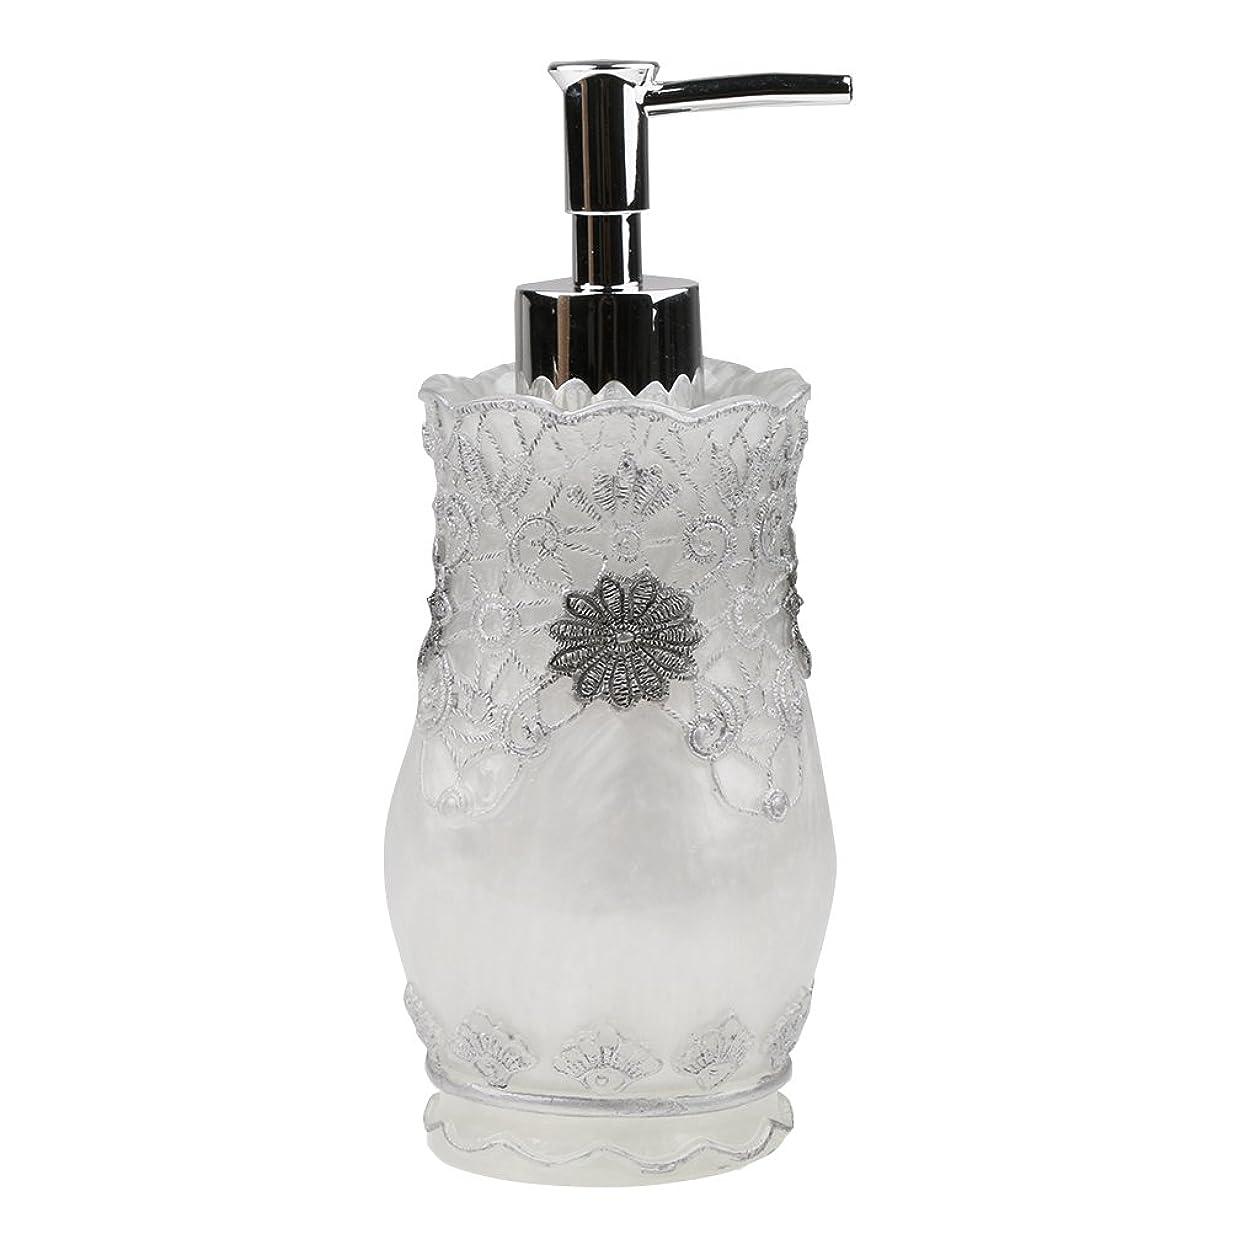 失望用心深いトレードHomyl 液体ソープ シャンプー用 空 シャンプー ボトル  詰め替えボトル 美しい エレガント デザイン  全4種類 - #2